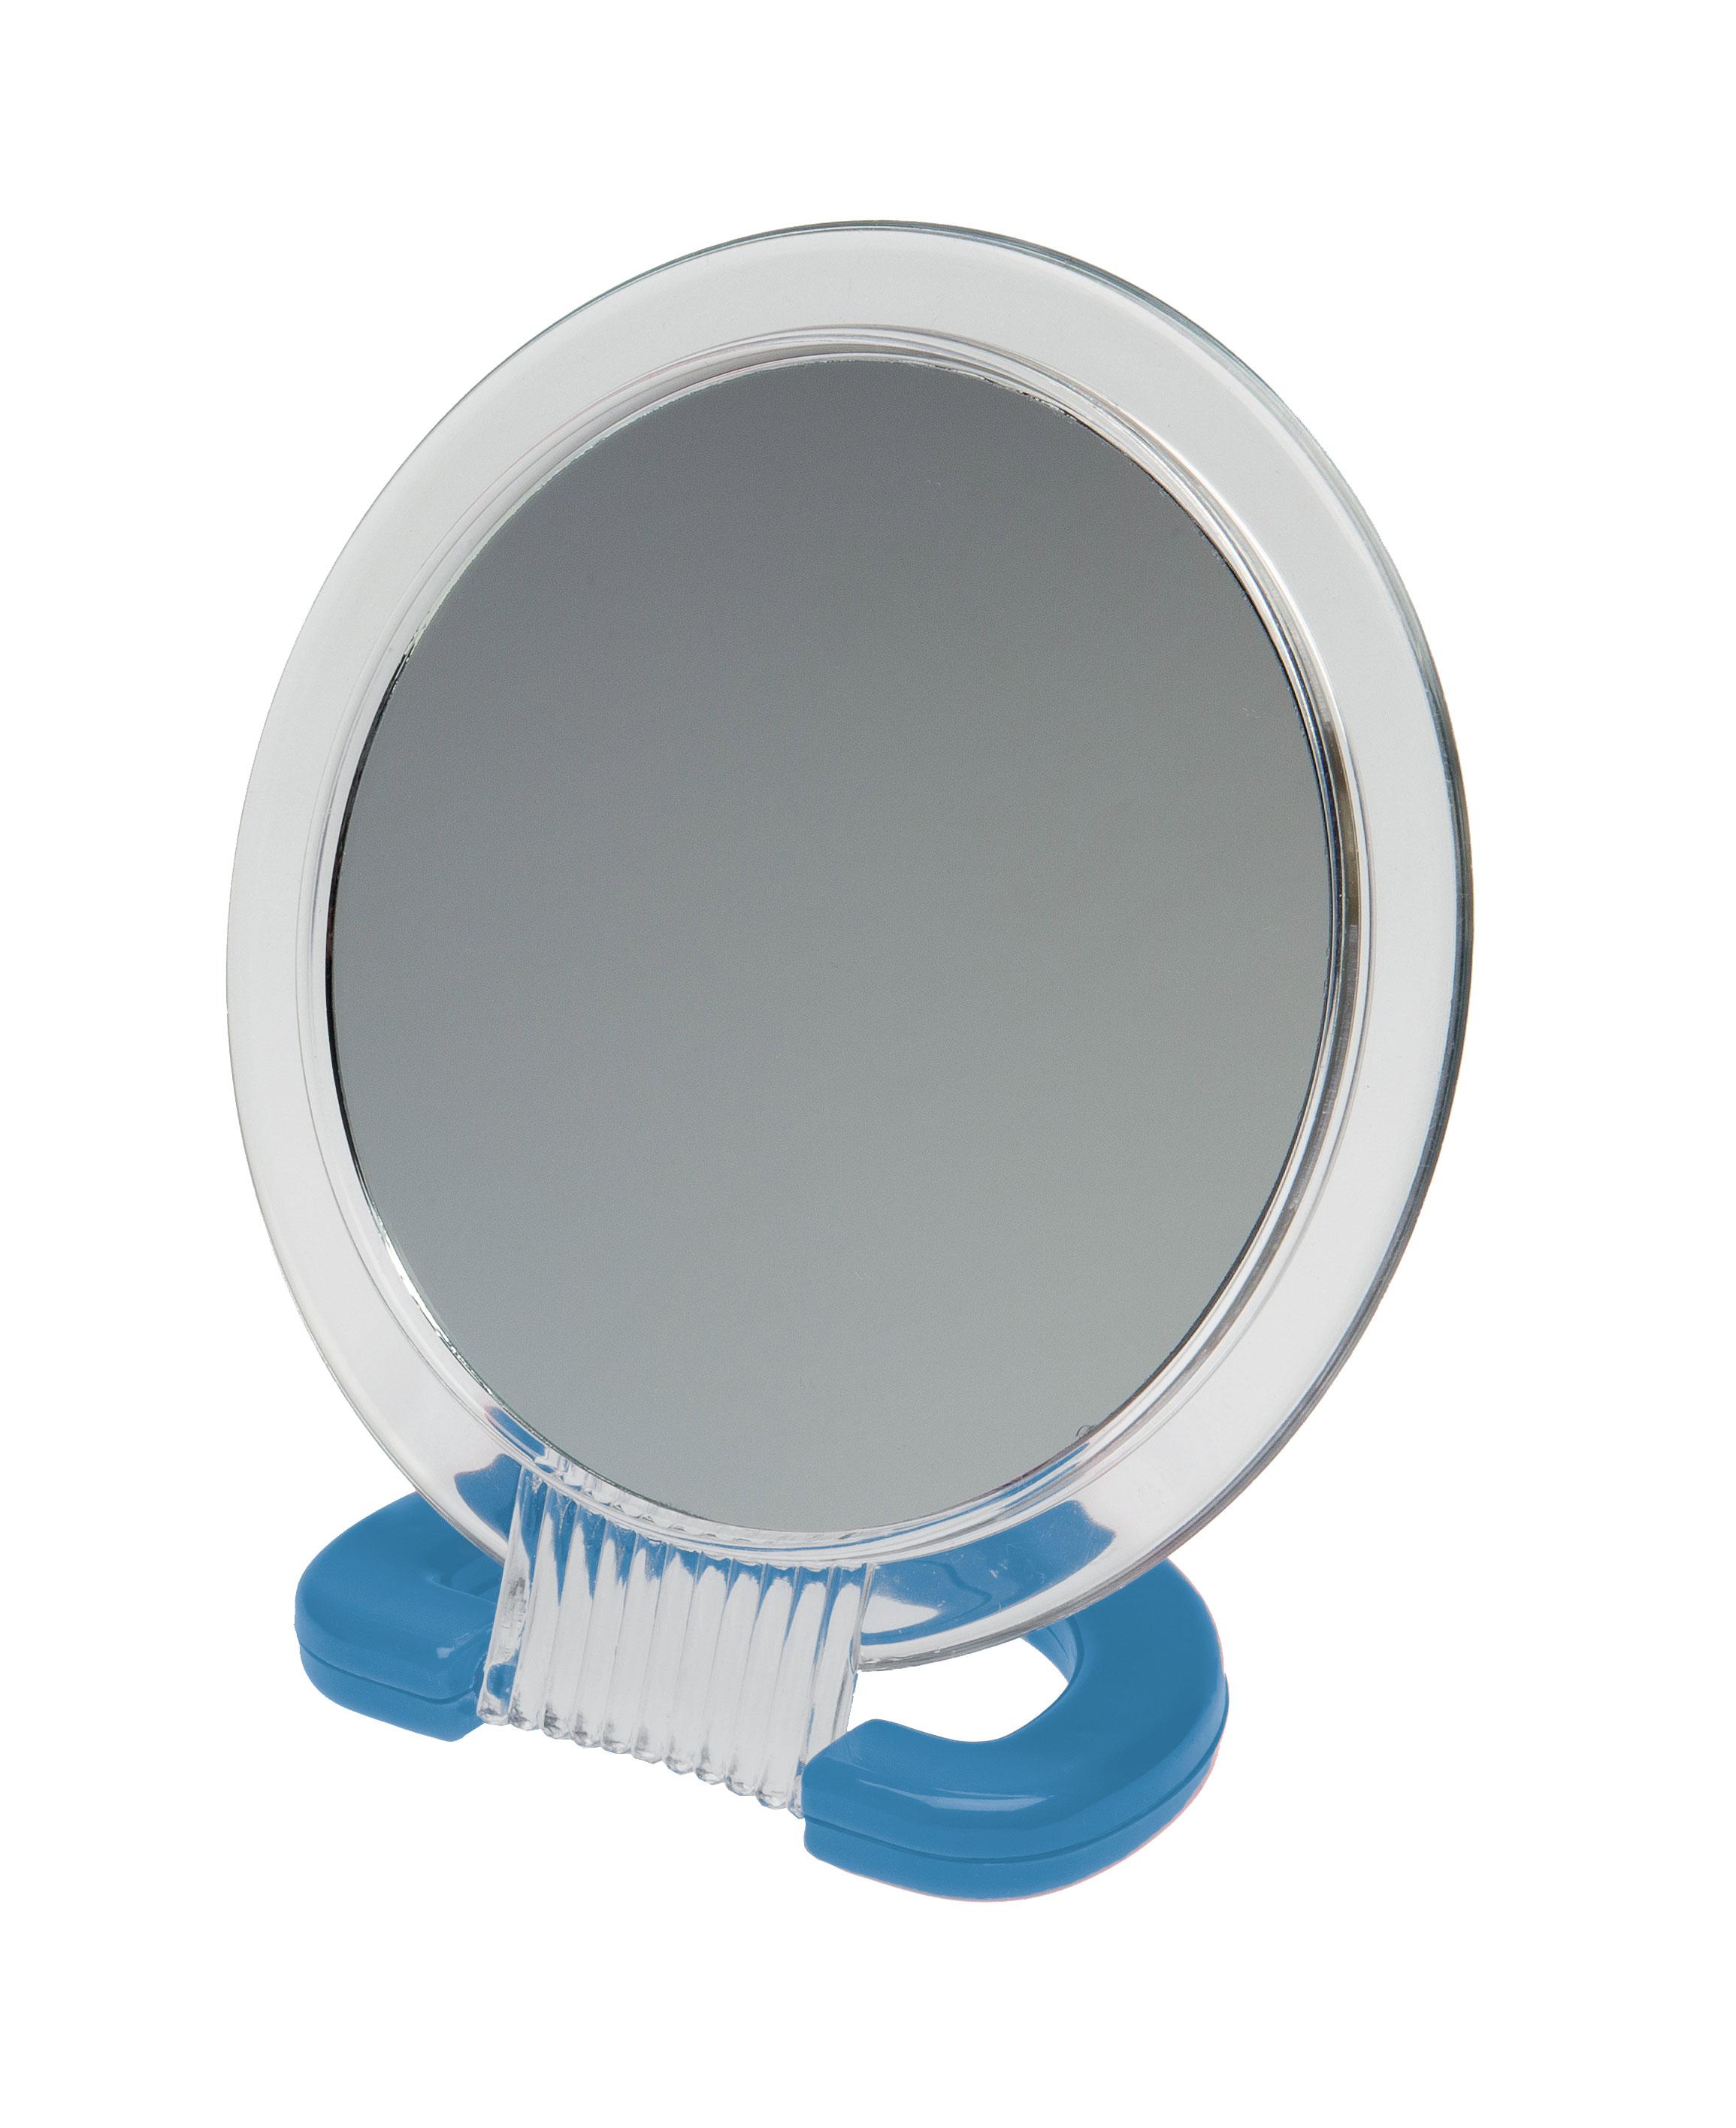 Зеркало Dewal Beauty настольное синего цвета,230x154 мм. MR110